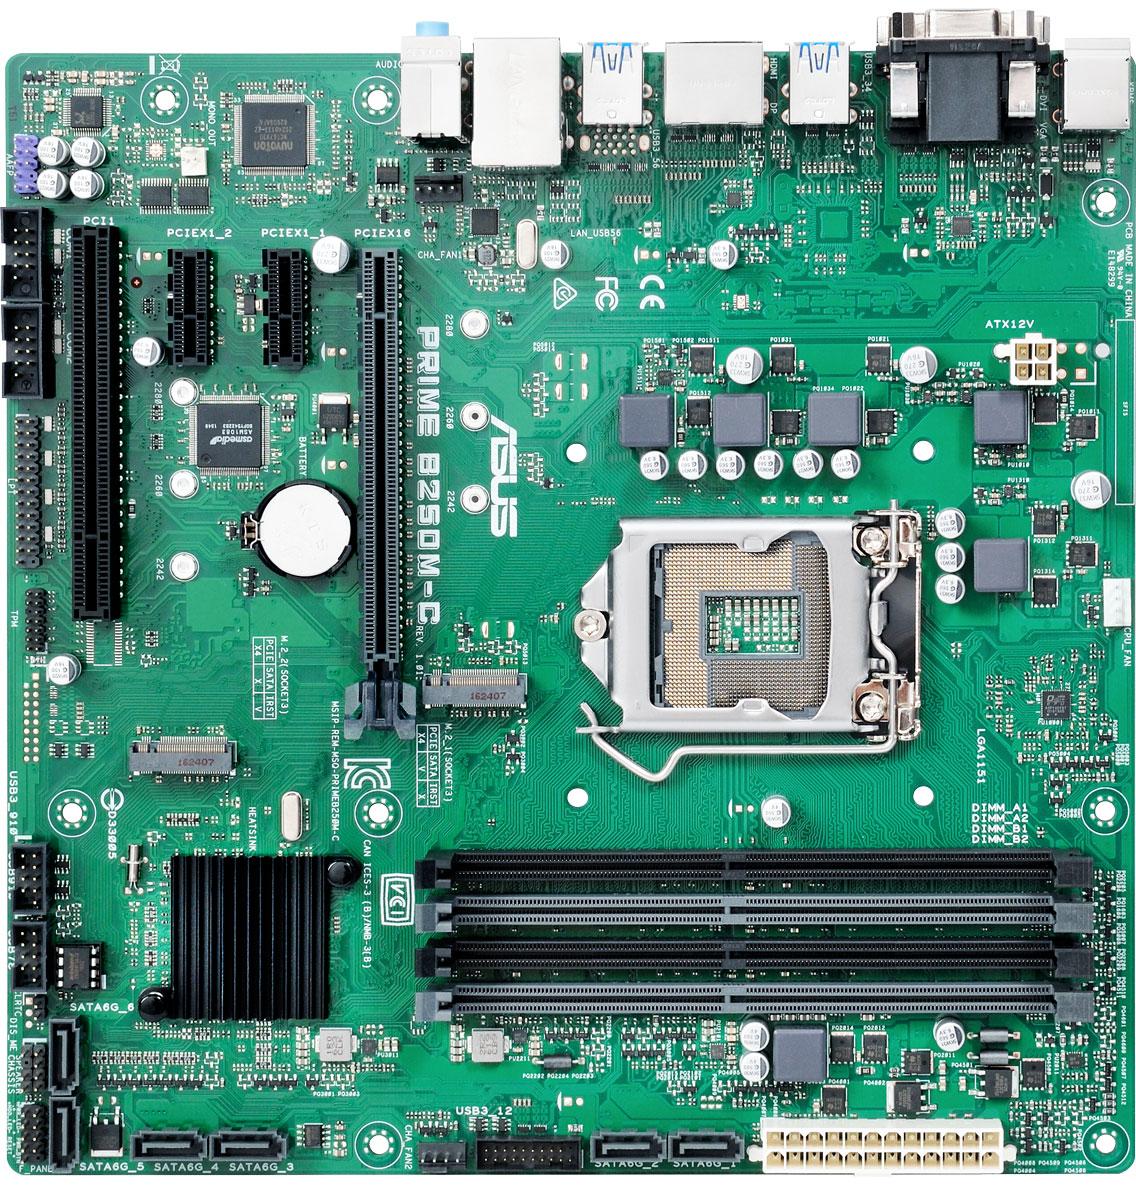 ASUS Prime B250M-C/CSM материнская платаPRIME B250M-C/CSMМатеринская плата ASUS Prime B250M-C/CSM формата micro-ATX коммерческой серии.Материнские плата ASUS Prime B250M-C/CSM может похвастать долгим сроком службы за счет технологии 5X Protection III, которая охватывает целый ряд инженерных решений, служащих для защиты от электрических перегрузок, коррозии, электростатических разрядов и прочих неприятностей.Технология SafeSlot Core – это особый способ крепления слота PCIe, который обеспечивает большую прочность и устойчивость к деформациям.Разъем проводной сети на данной материнской плате оснащается специальной защитой от статического электричества и перепадов напряжения.В системе питания данной материнской платы используются стабилизаторы, обеспечивающие защиту от перепадов напряжения, которые могут возникнуть при использовании блоков питания не самого высокого качества. Данная материнская плата обладает специальным влагоотталкивающим покрытием, которое продлевает срок службы устройства в условиях повышенной влажности. Данная материнская плата поставляется с разнообразным программным обеспечением. Для корпоративных пользователей особенно полезным будет приложение ASUS Remote Management Tool, которое служит для удаленного администрирования.Поскольку индивидуализация продукта является существенным фактором в привлечении к нему внимания покупателя, ASUS предлагает комплект средств для гибкой настройки BIOS материнских плат коммерческой серии.Клеммные колодки интерфейсов USB 3.0 и USB 2.0 защищены пластиковыми рамками, что предотвращает случайное их повреждение и облегчает подключение кабелей.Положение разъемов на материнских платах ASUS коммерческой серии остается неизменным от поколения к поколению, что облегчает переход от старых моделей к новым.Широкие защелки графических слотов позволяют с удобством устанавливать и вынимать любые видеокарты.Слоты памяти оснащаются удобными односторонними защелками, расположенными у края материнской платы. Благодаря им вставлять и 